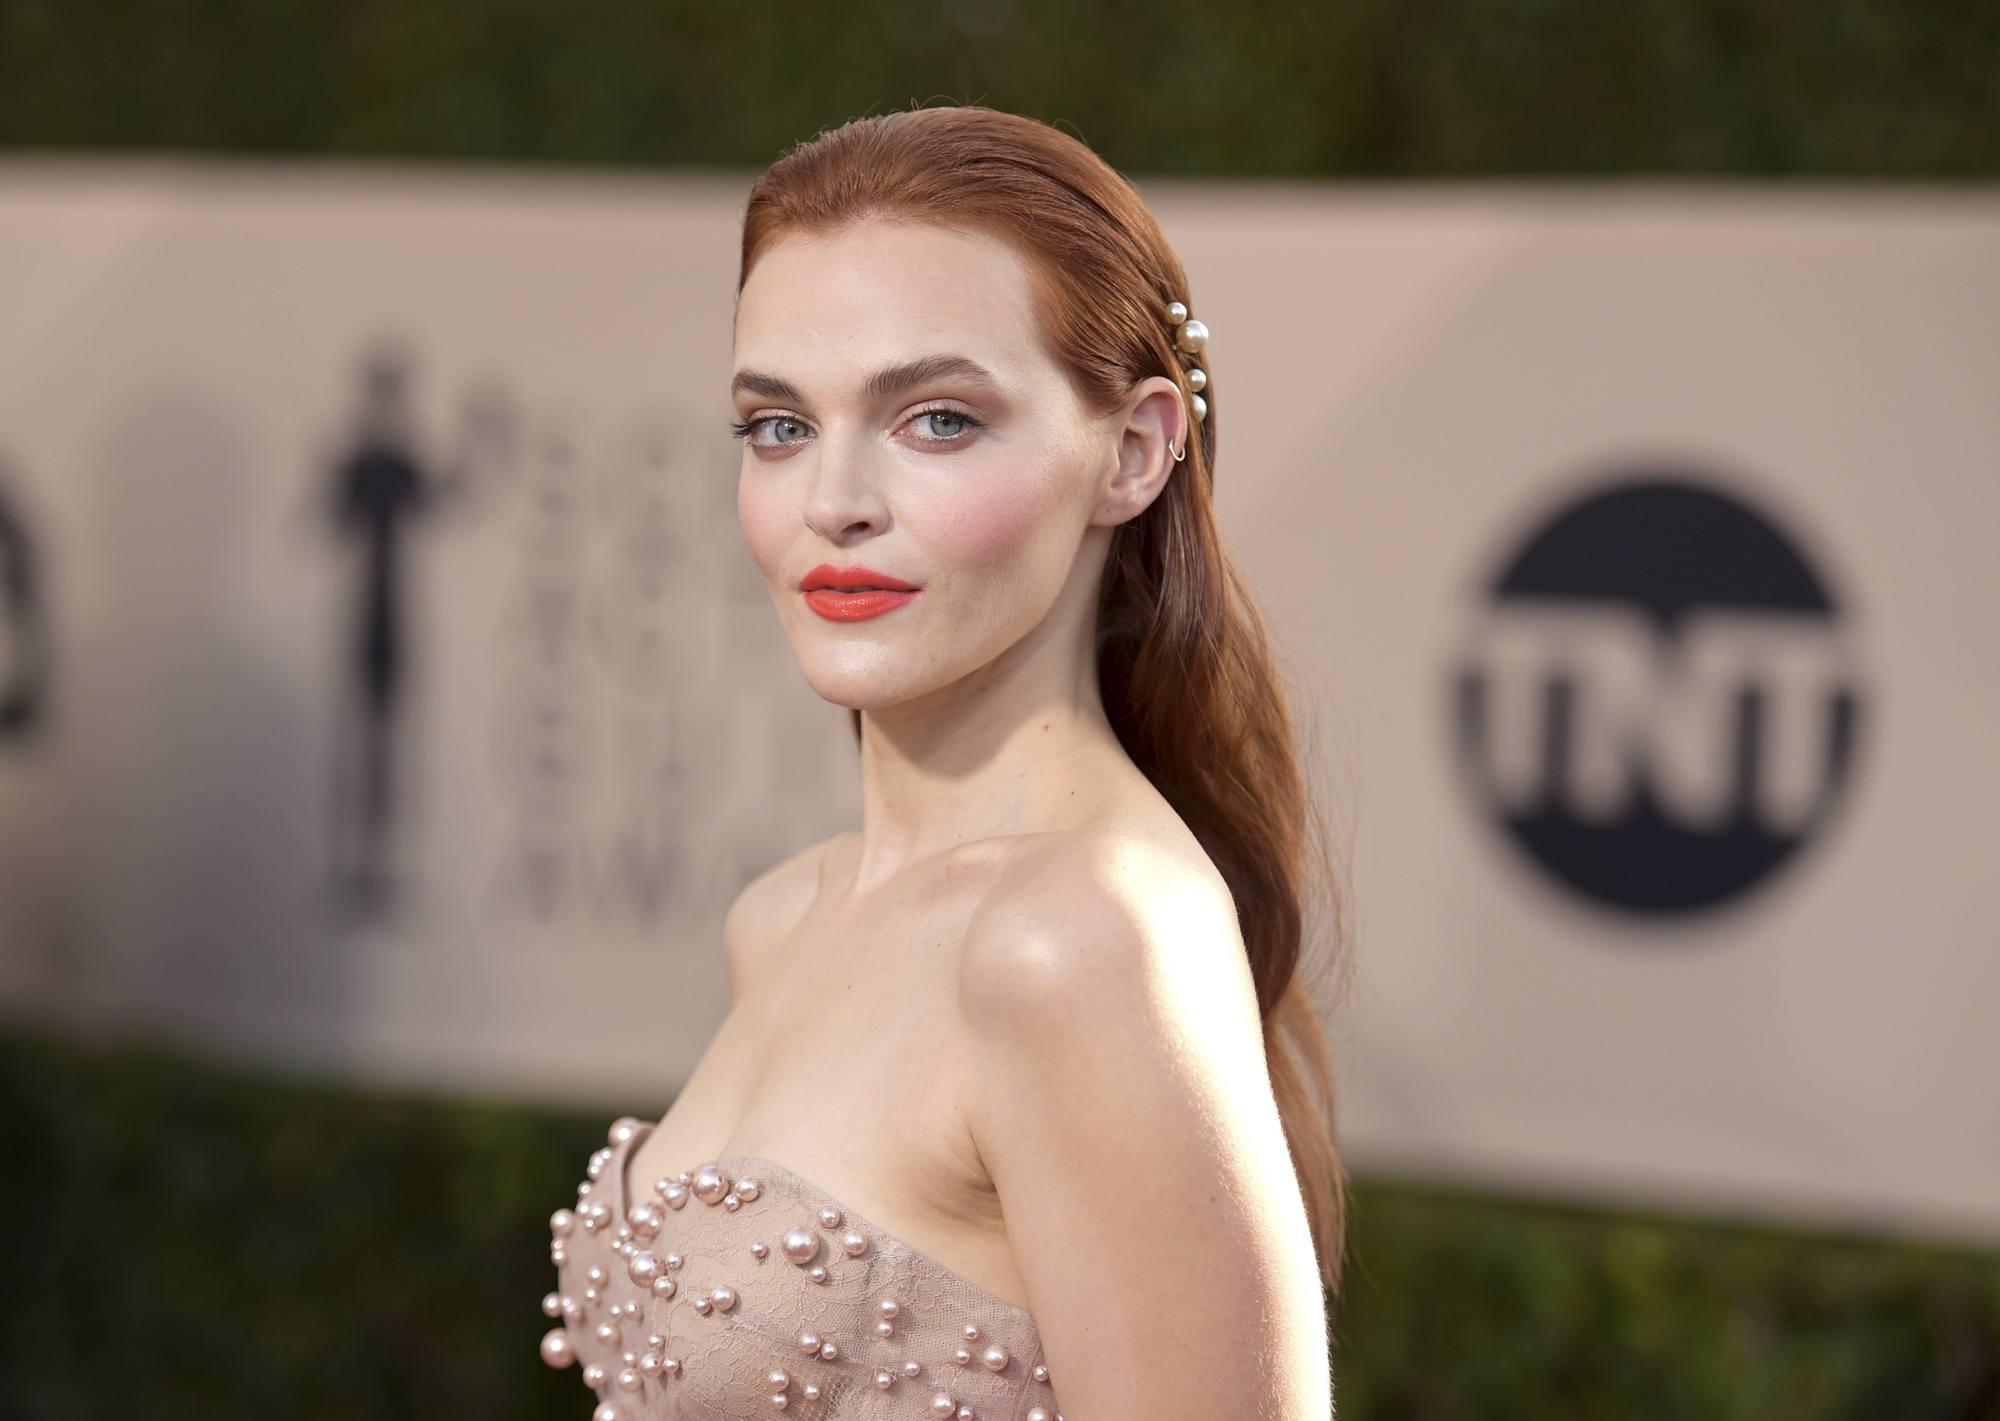 gros plan de Madeline brasseuse aux cheveux lisses et perlés, portant une robe nacrée